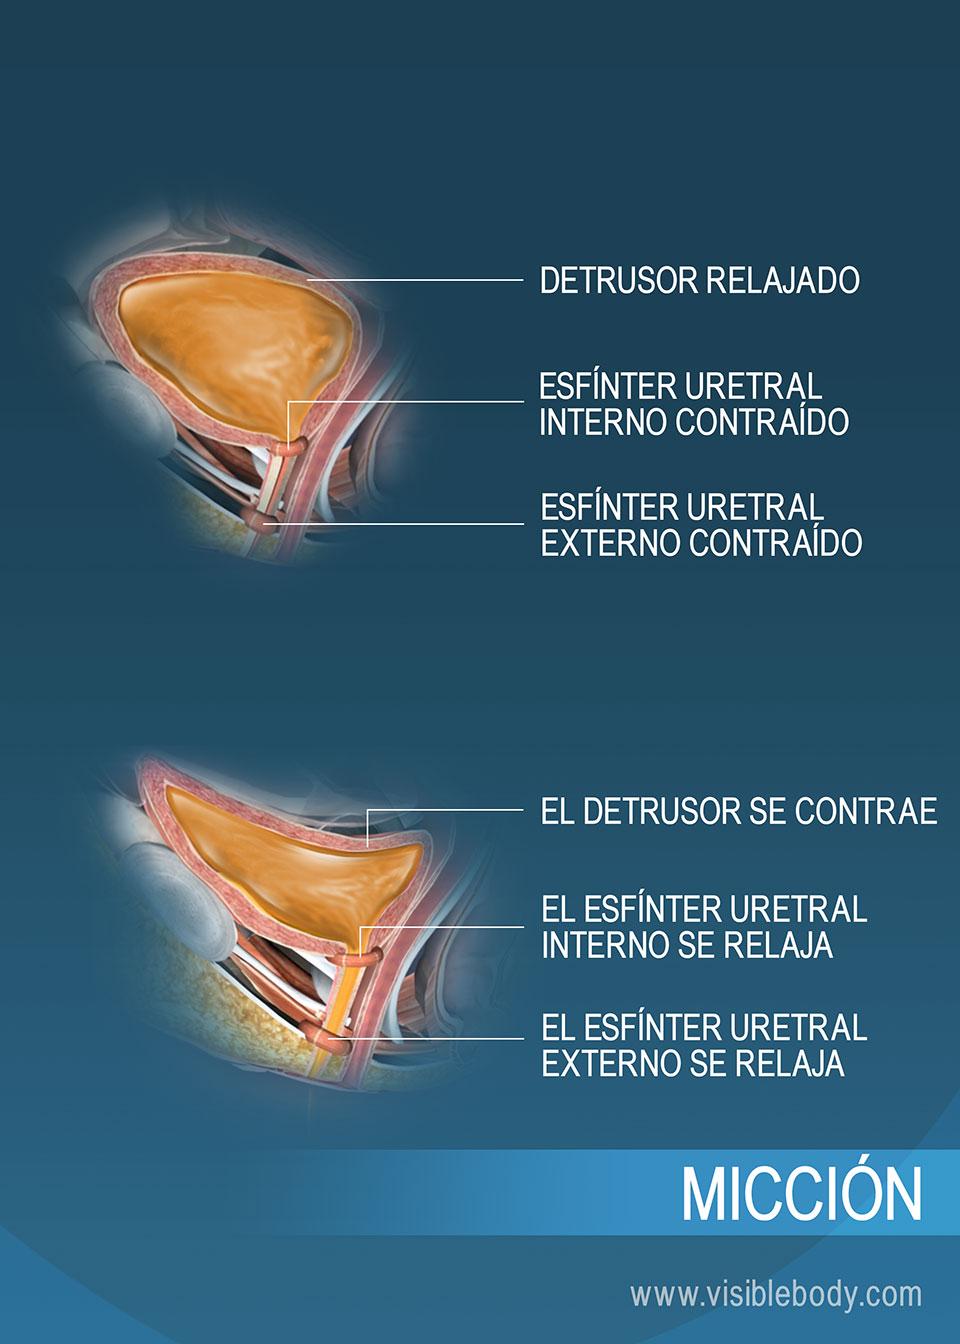 Vejiga que almacena orina y vejiga en el proceso de micción, con los esfínteres uretrales y el detrusor en acción para facilitar el proceso